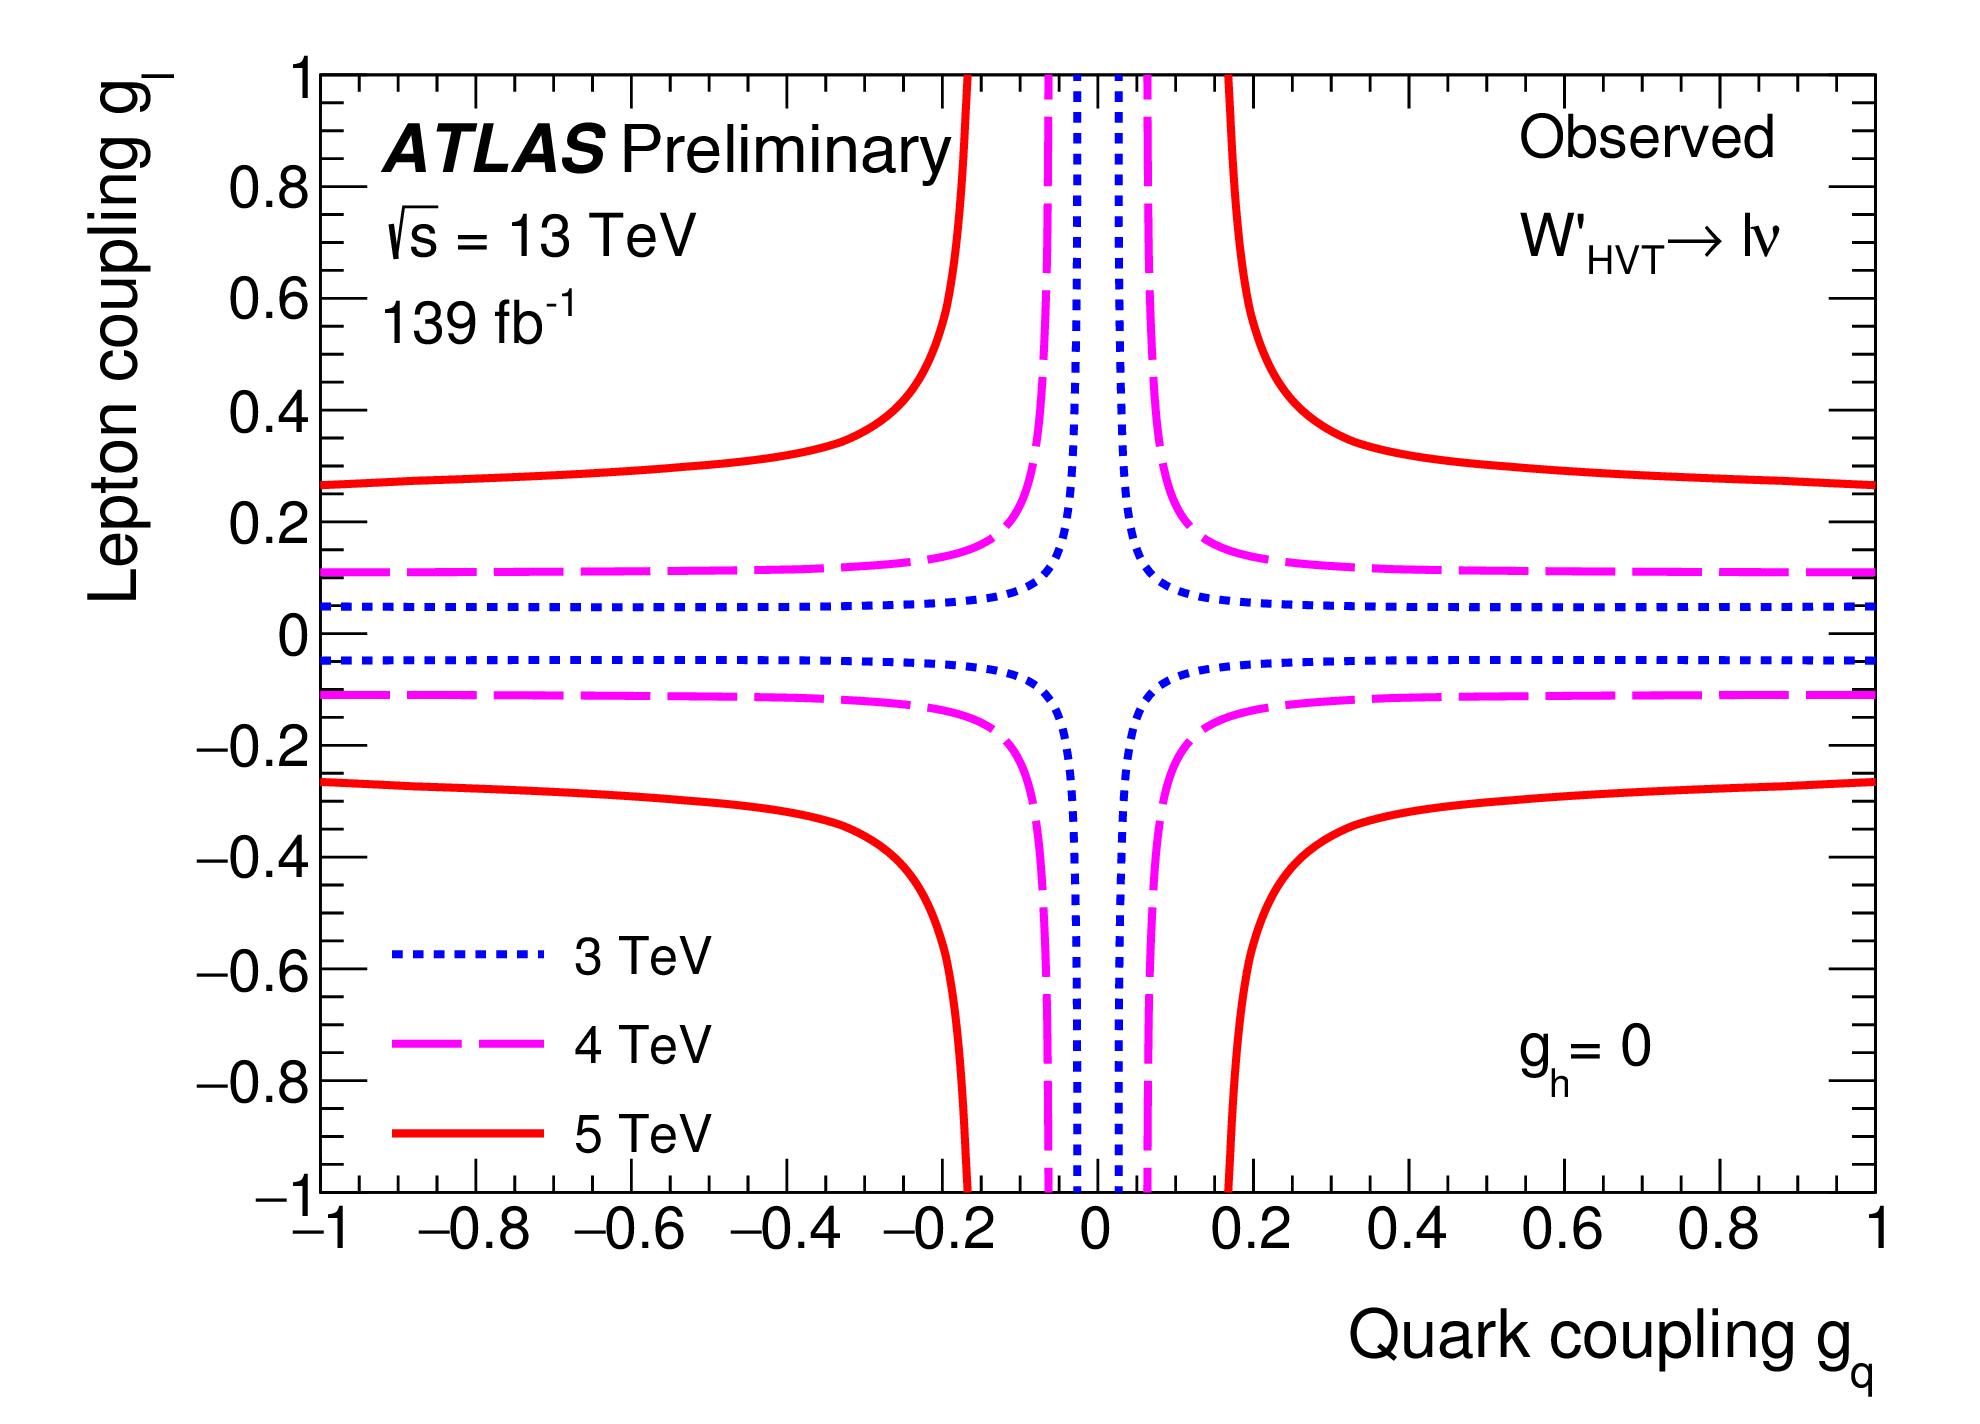 https://atlas.web.cern.ch/Atlas/GROUPS/PHYSICS/CombinedSummaryPlots/EXOTICS/ATLAS_HVT_lv_Summary_gl_gq_obs/ATLAS_HVT_lv_Summary_gl_gq_obs.png